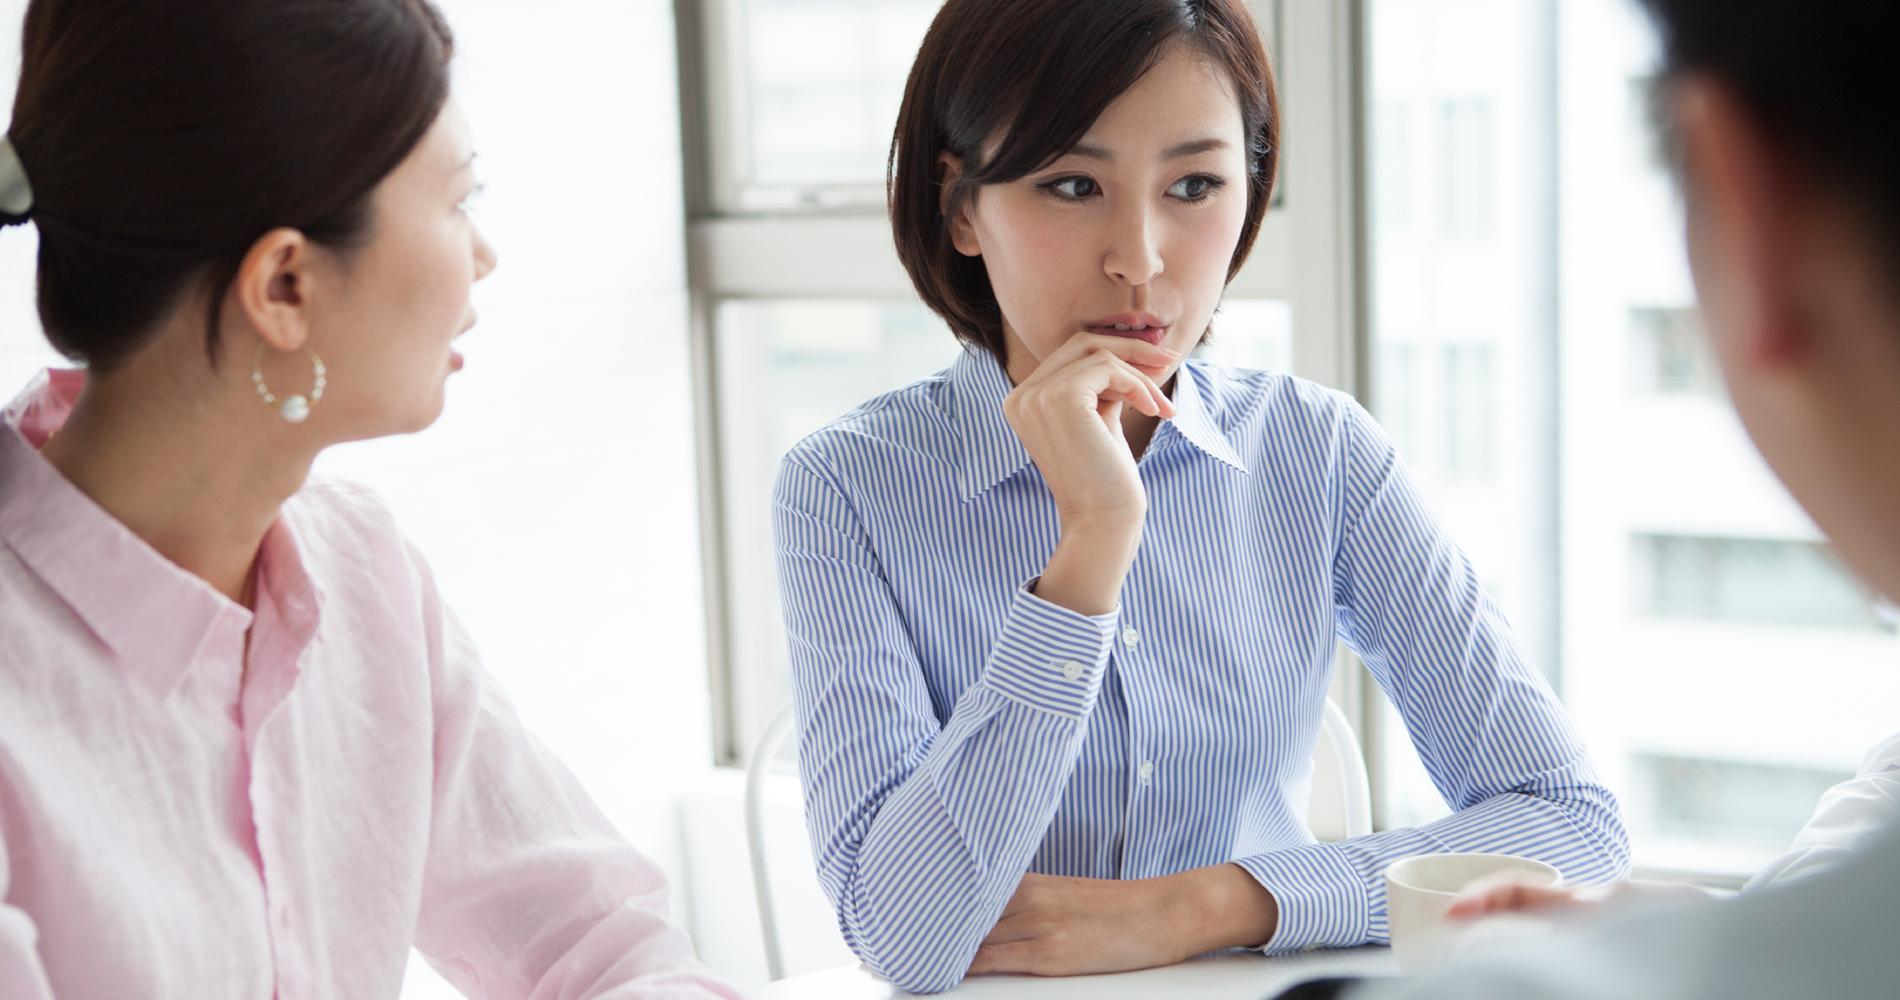 une japonaise sur 5 est victime de sexisme au travail lors de sa grossesse madame figaro. Black Bedroom Furniture Sets. Home Design Ideas